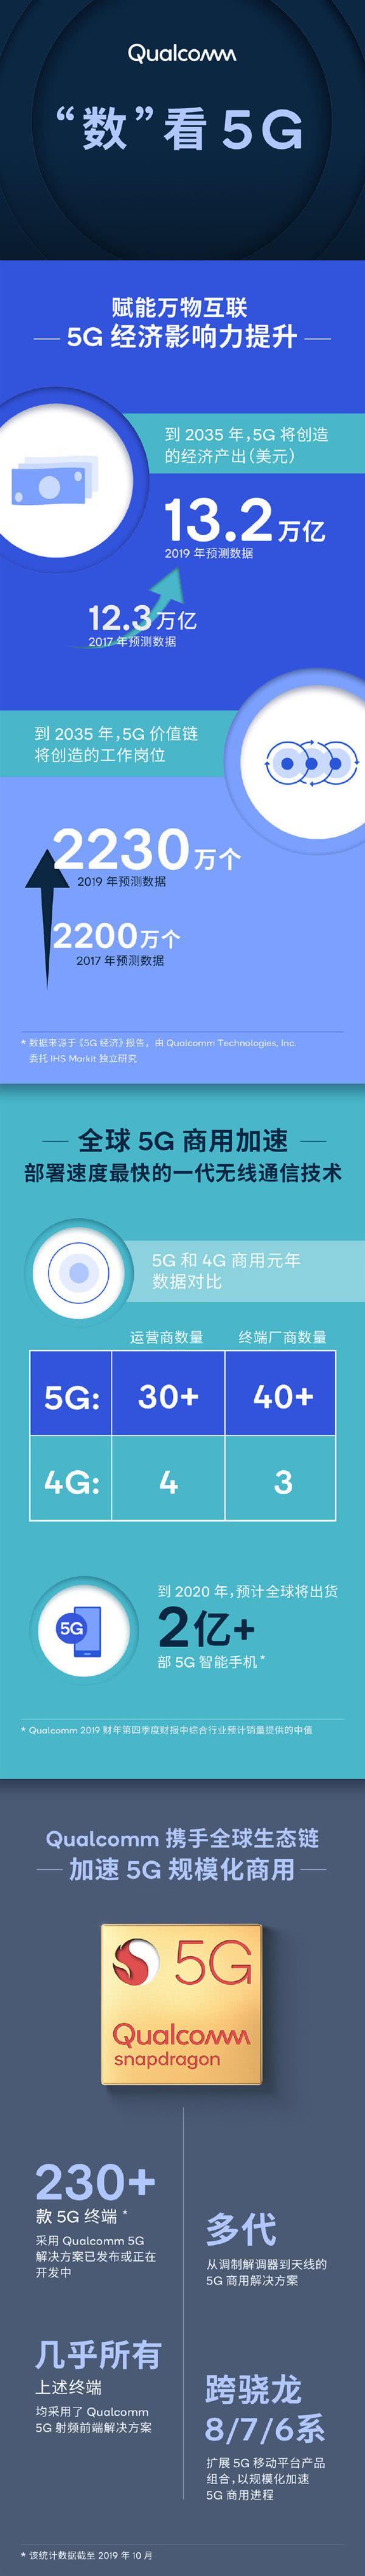 5G到底有什么用?高通算了一笔账:92.6万亿经济价值